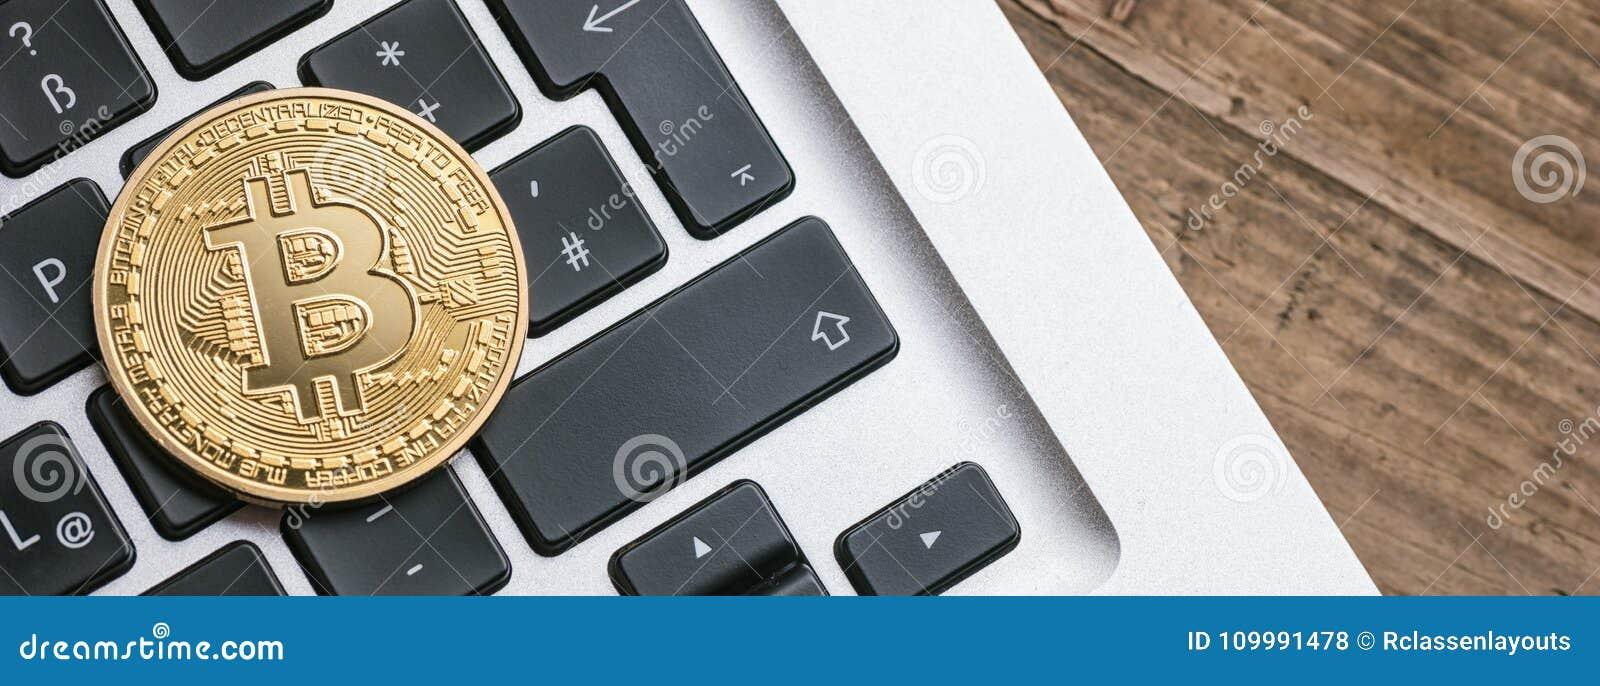 Cryptocurrency Bitcoin de Digitas em um caderno